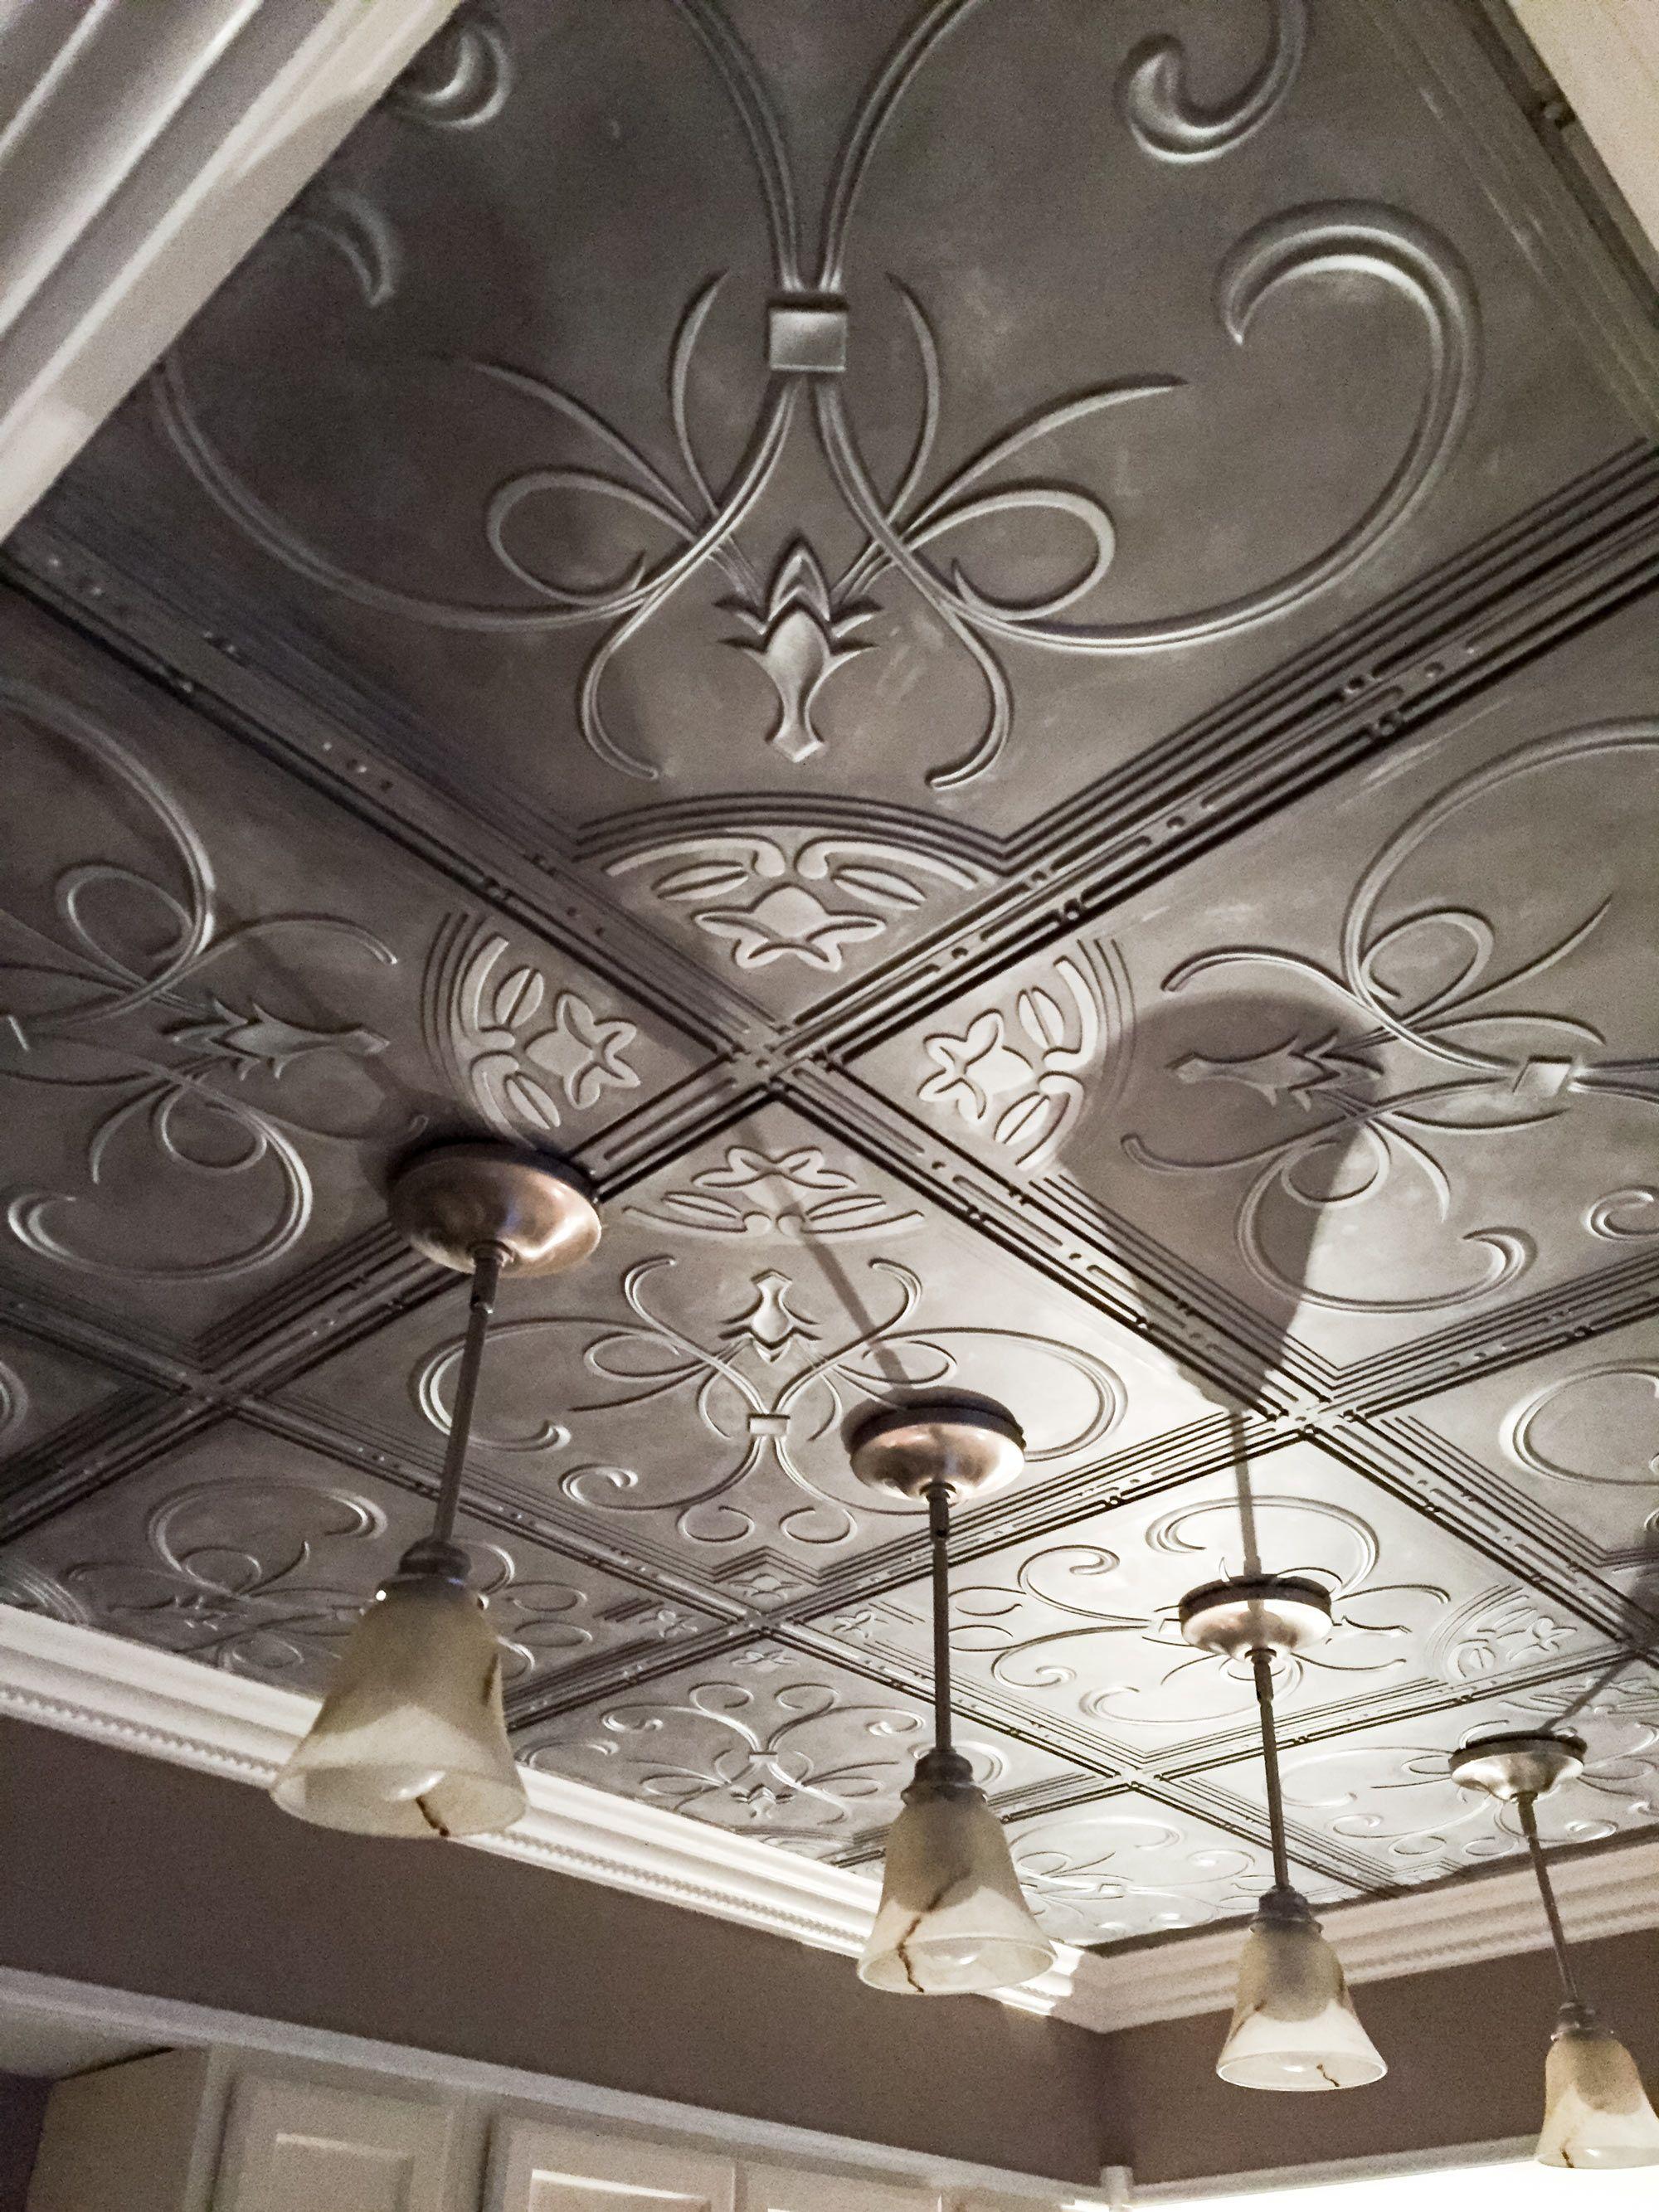 French Quarter Ceiling Tile White Carreaux De Plafond Carreaux De Plafond En Etain Peindre Des Carreaux